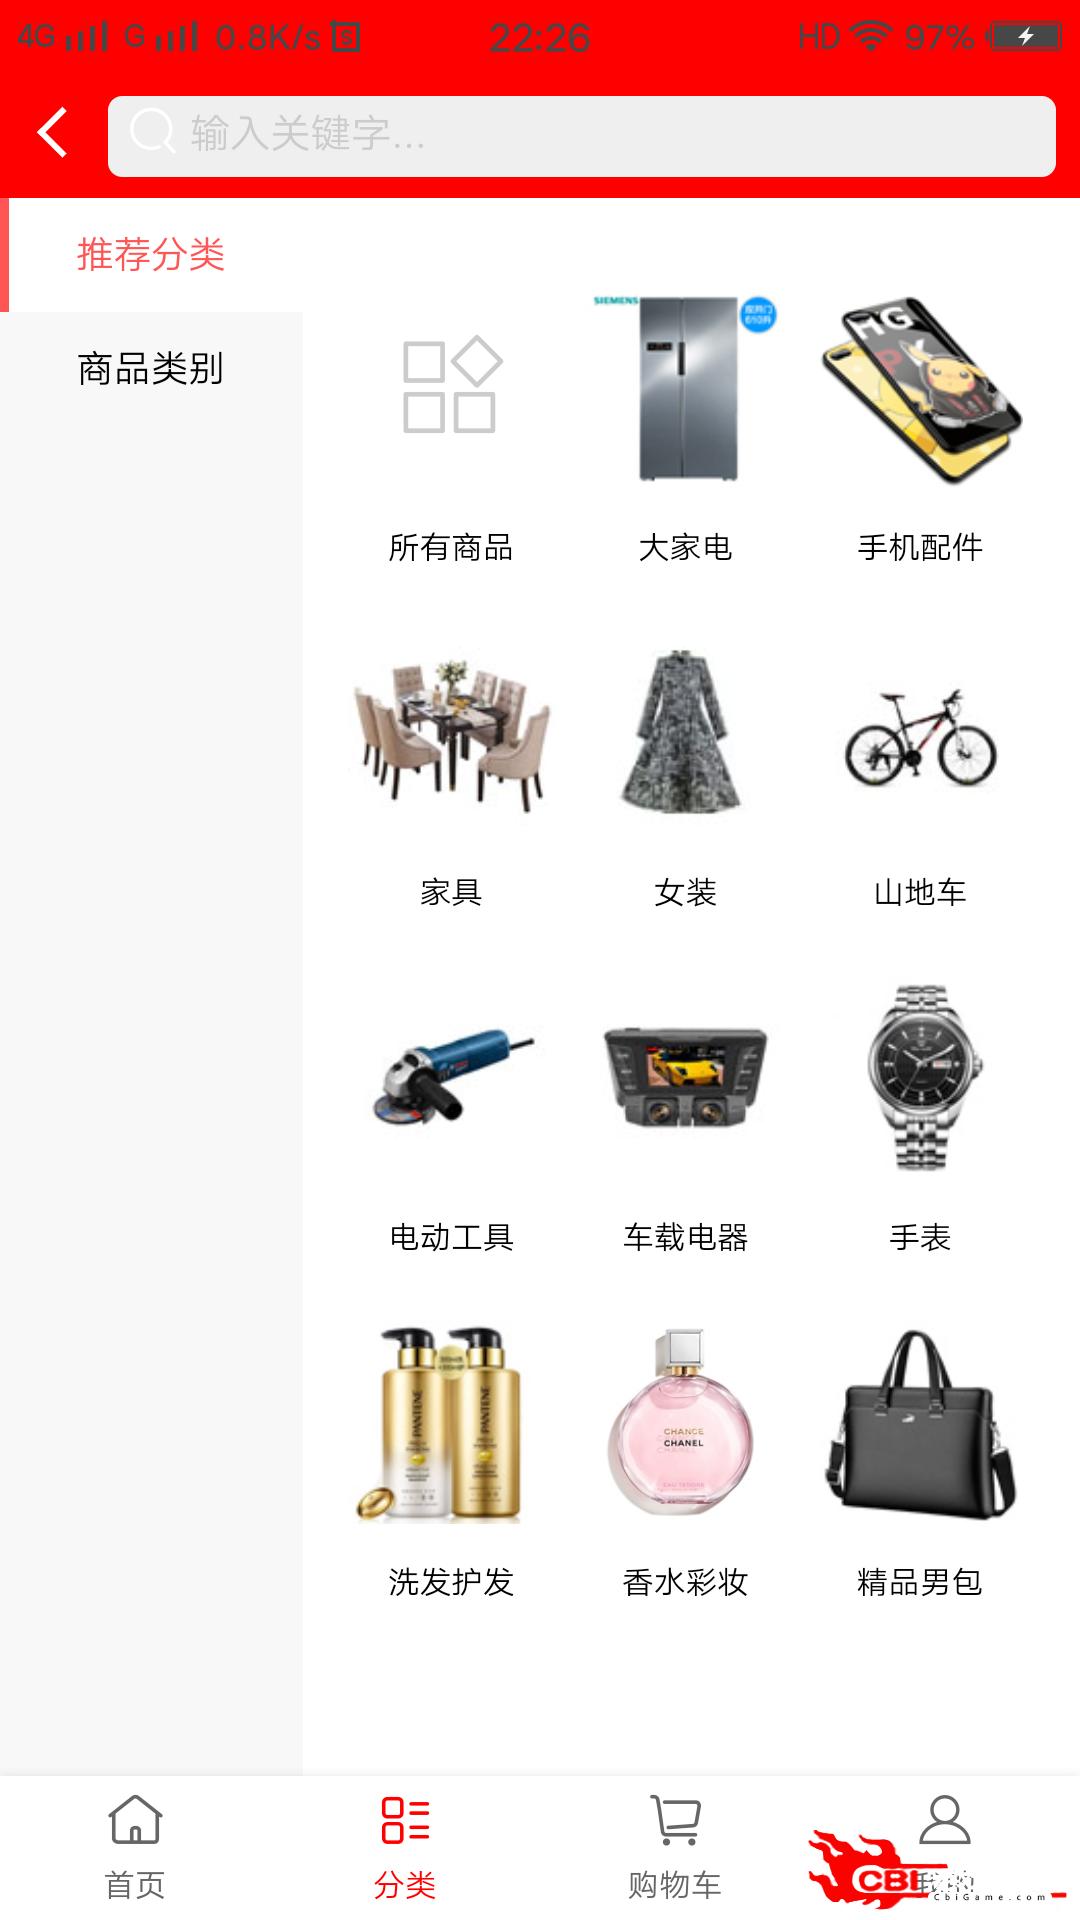 乐福购商城购物平台图1